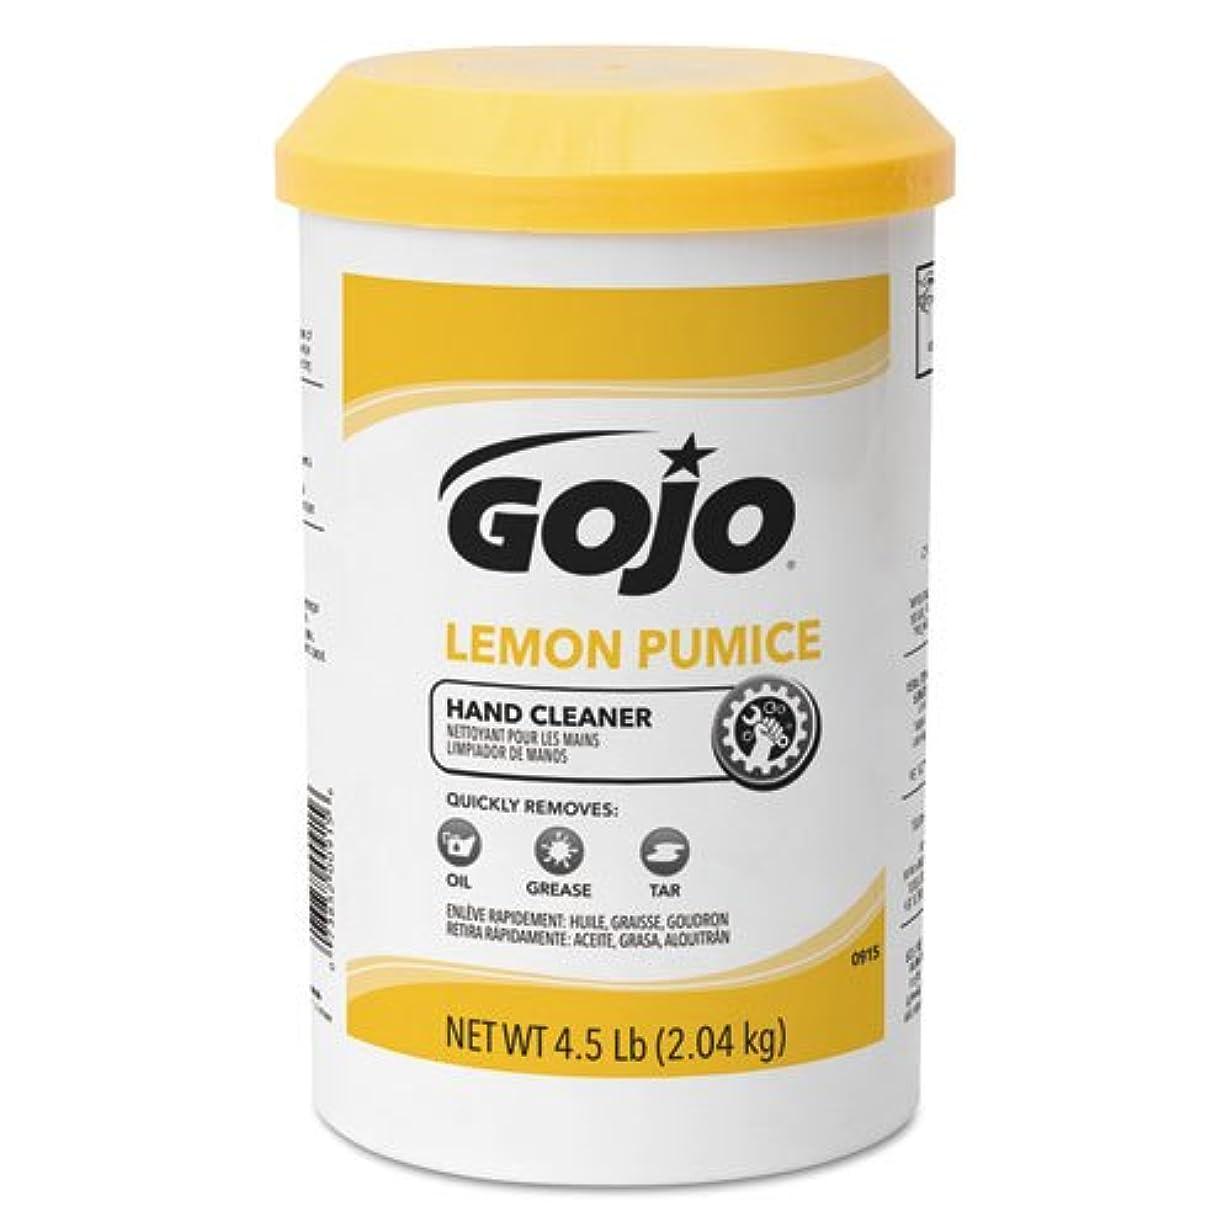 感覚小人学習者Gojo レモンプーミス ハンドクリーナー レモンの香り 4.5ポンド GOJ0915